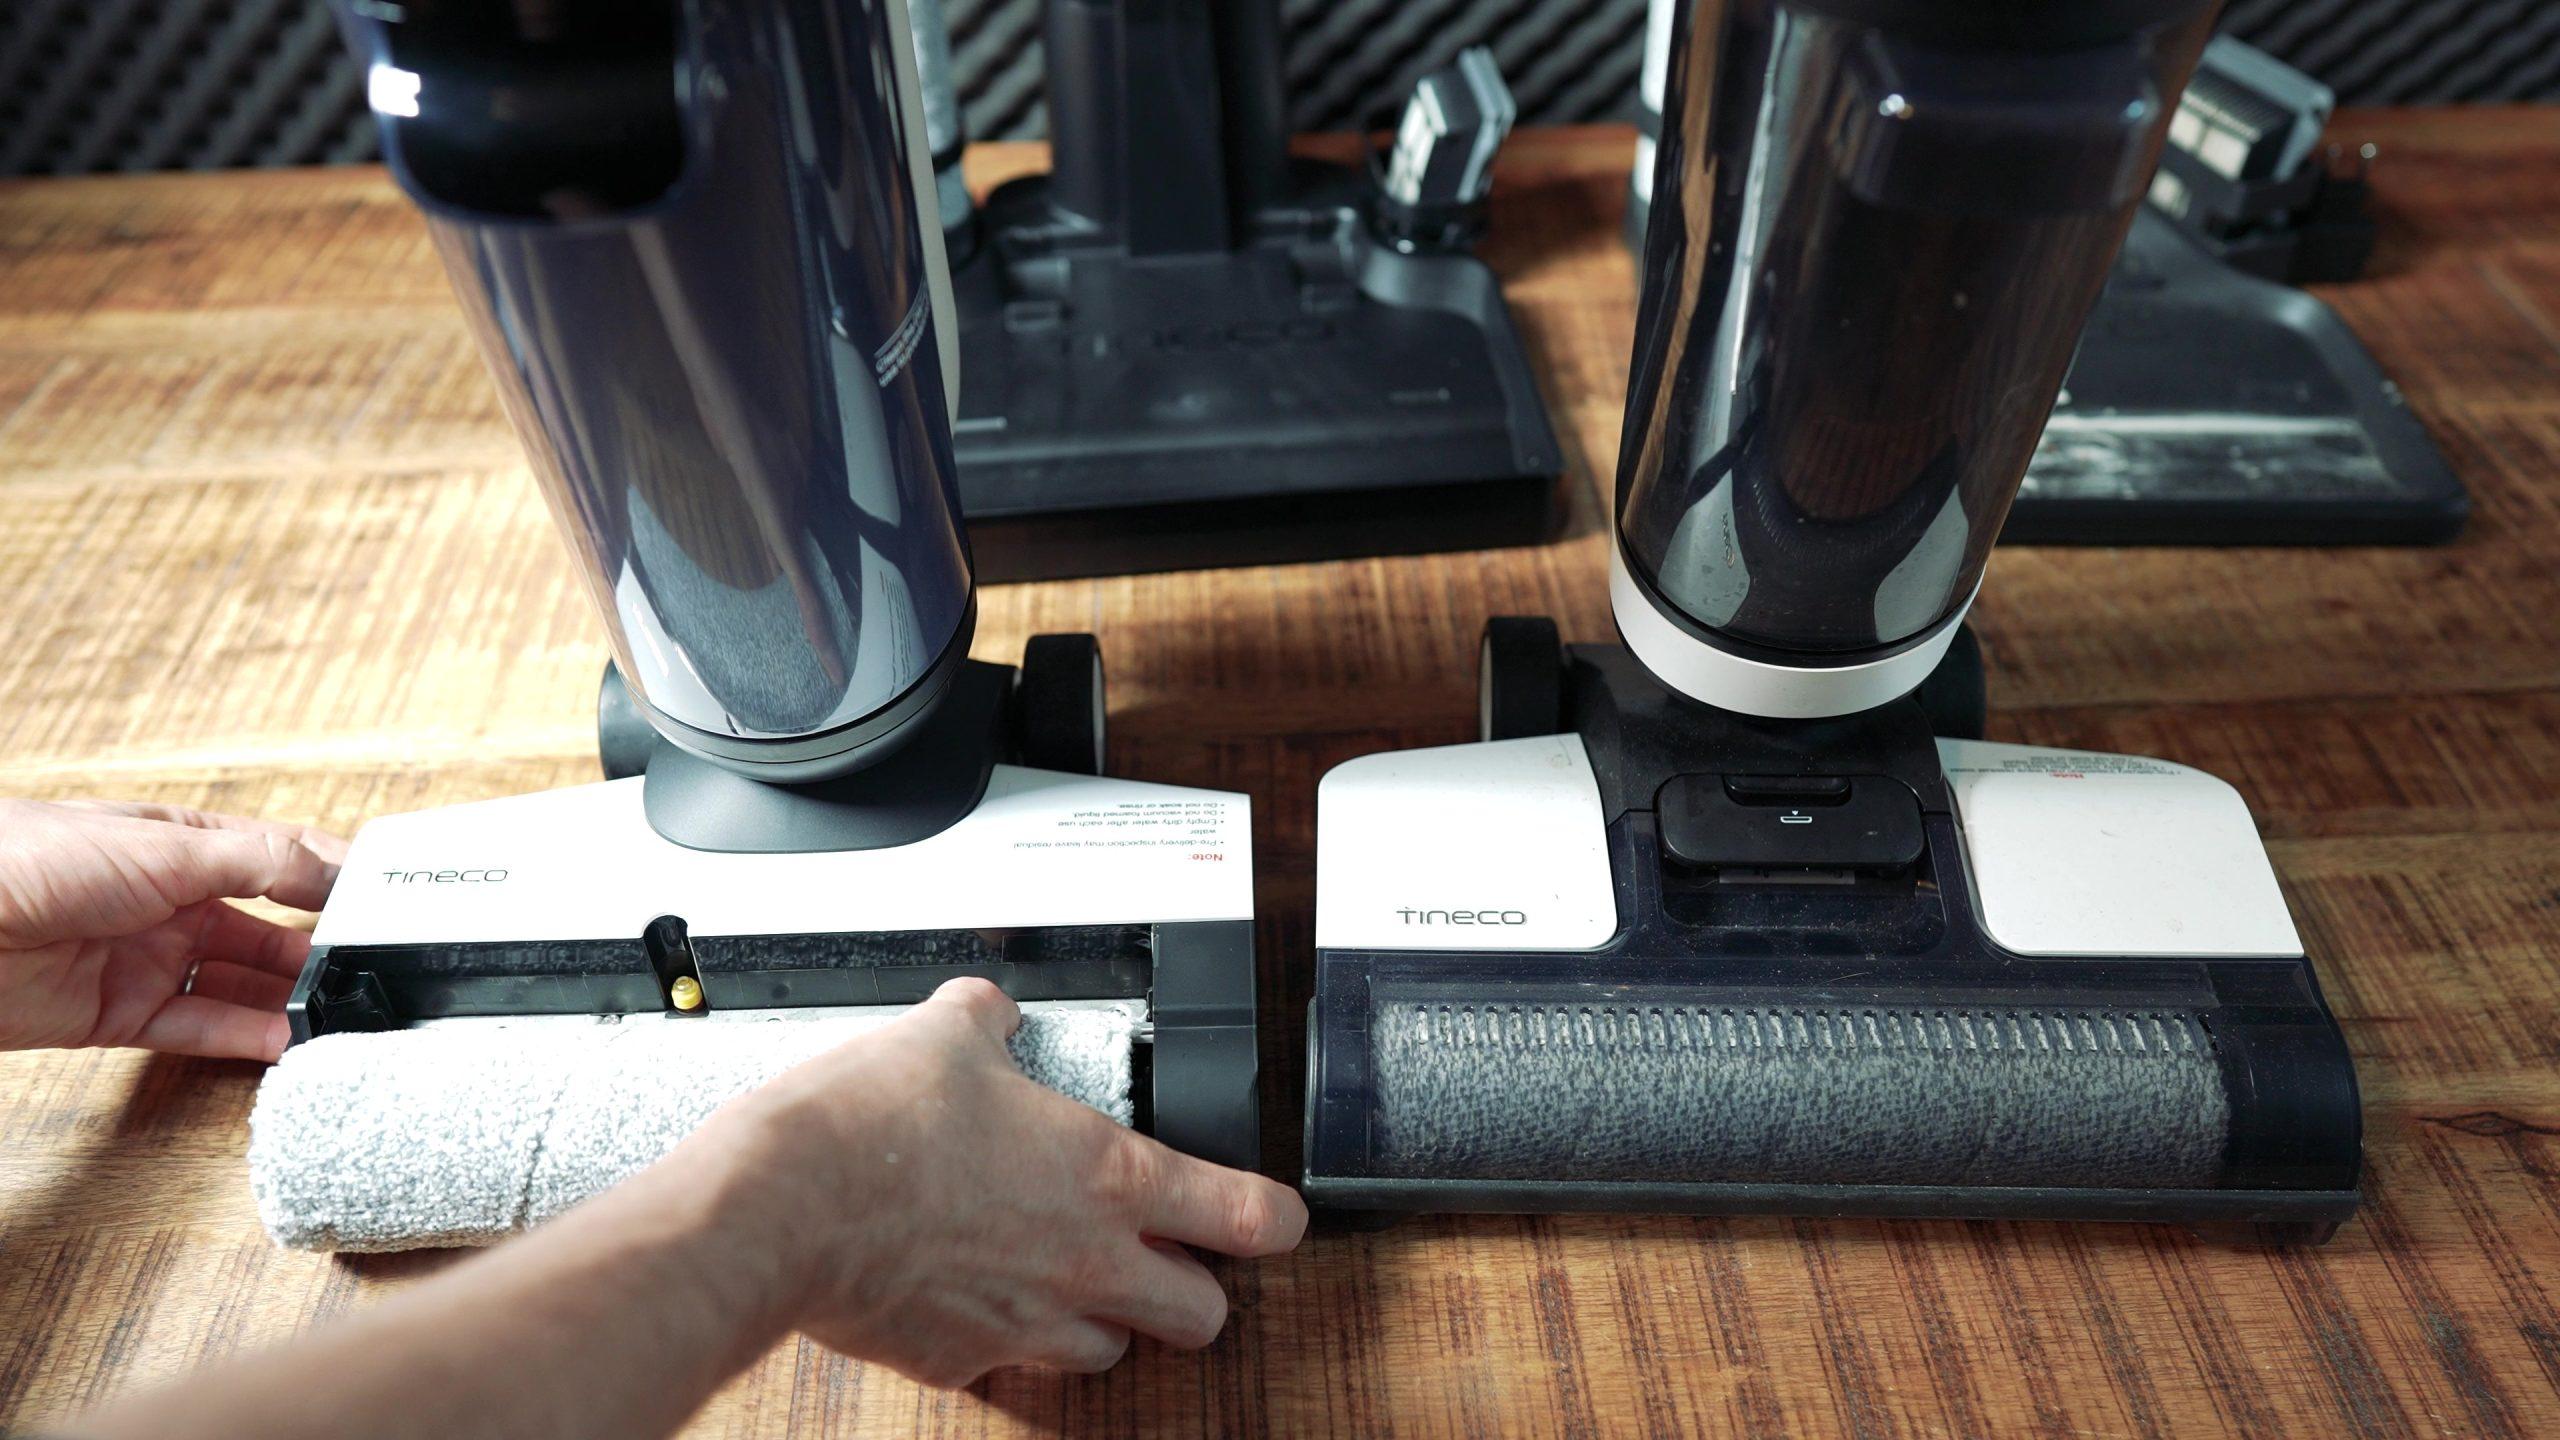 Tineco Floor One S5 Pro Wischsauger Akkusauger Vergleich Vorgängermodell Kantenreinigung